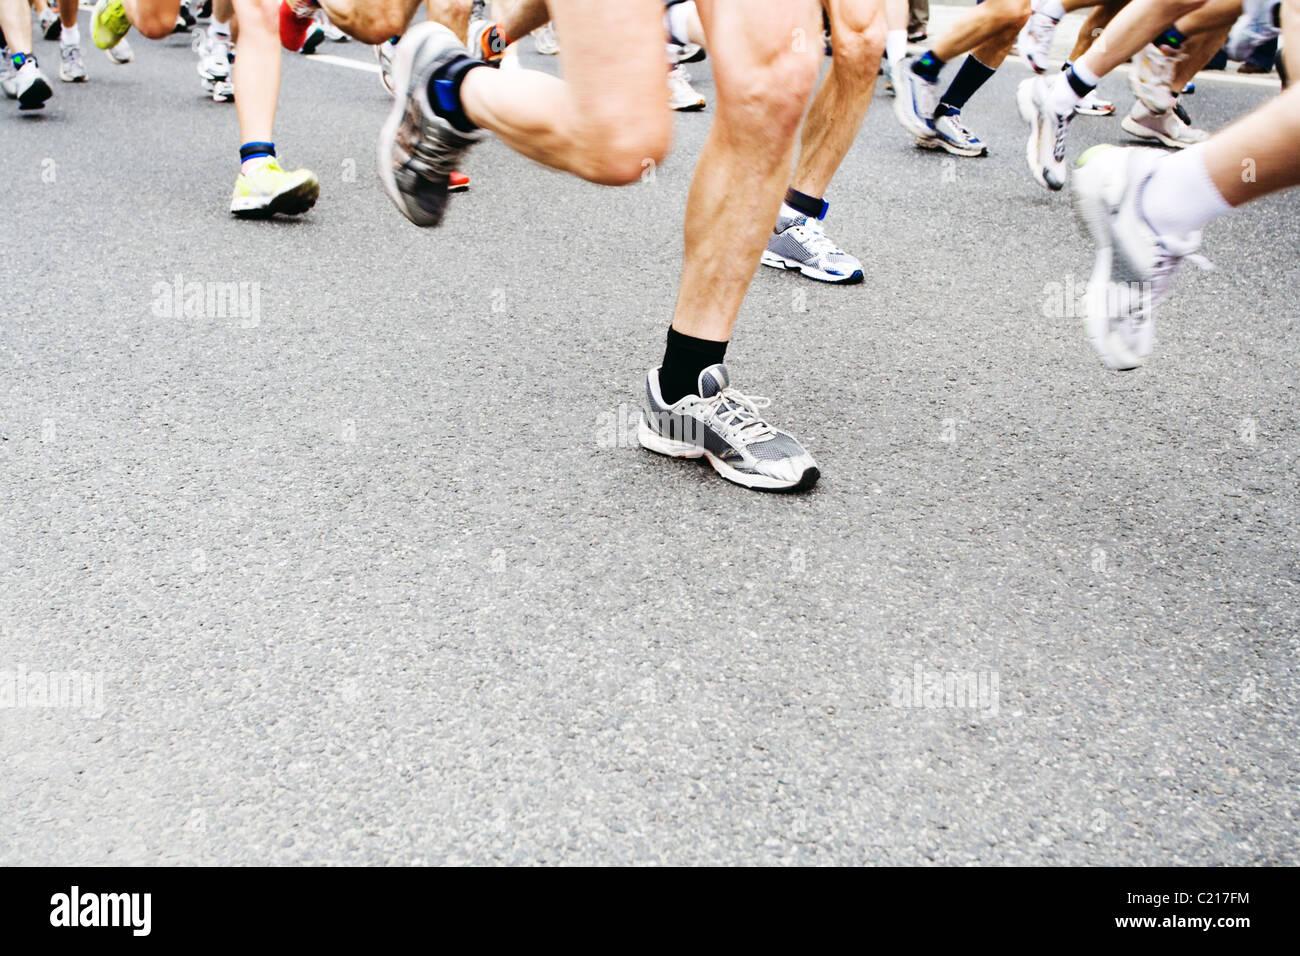 Les personnes en cours d'exécution dans city marathon Photo Stock